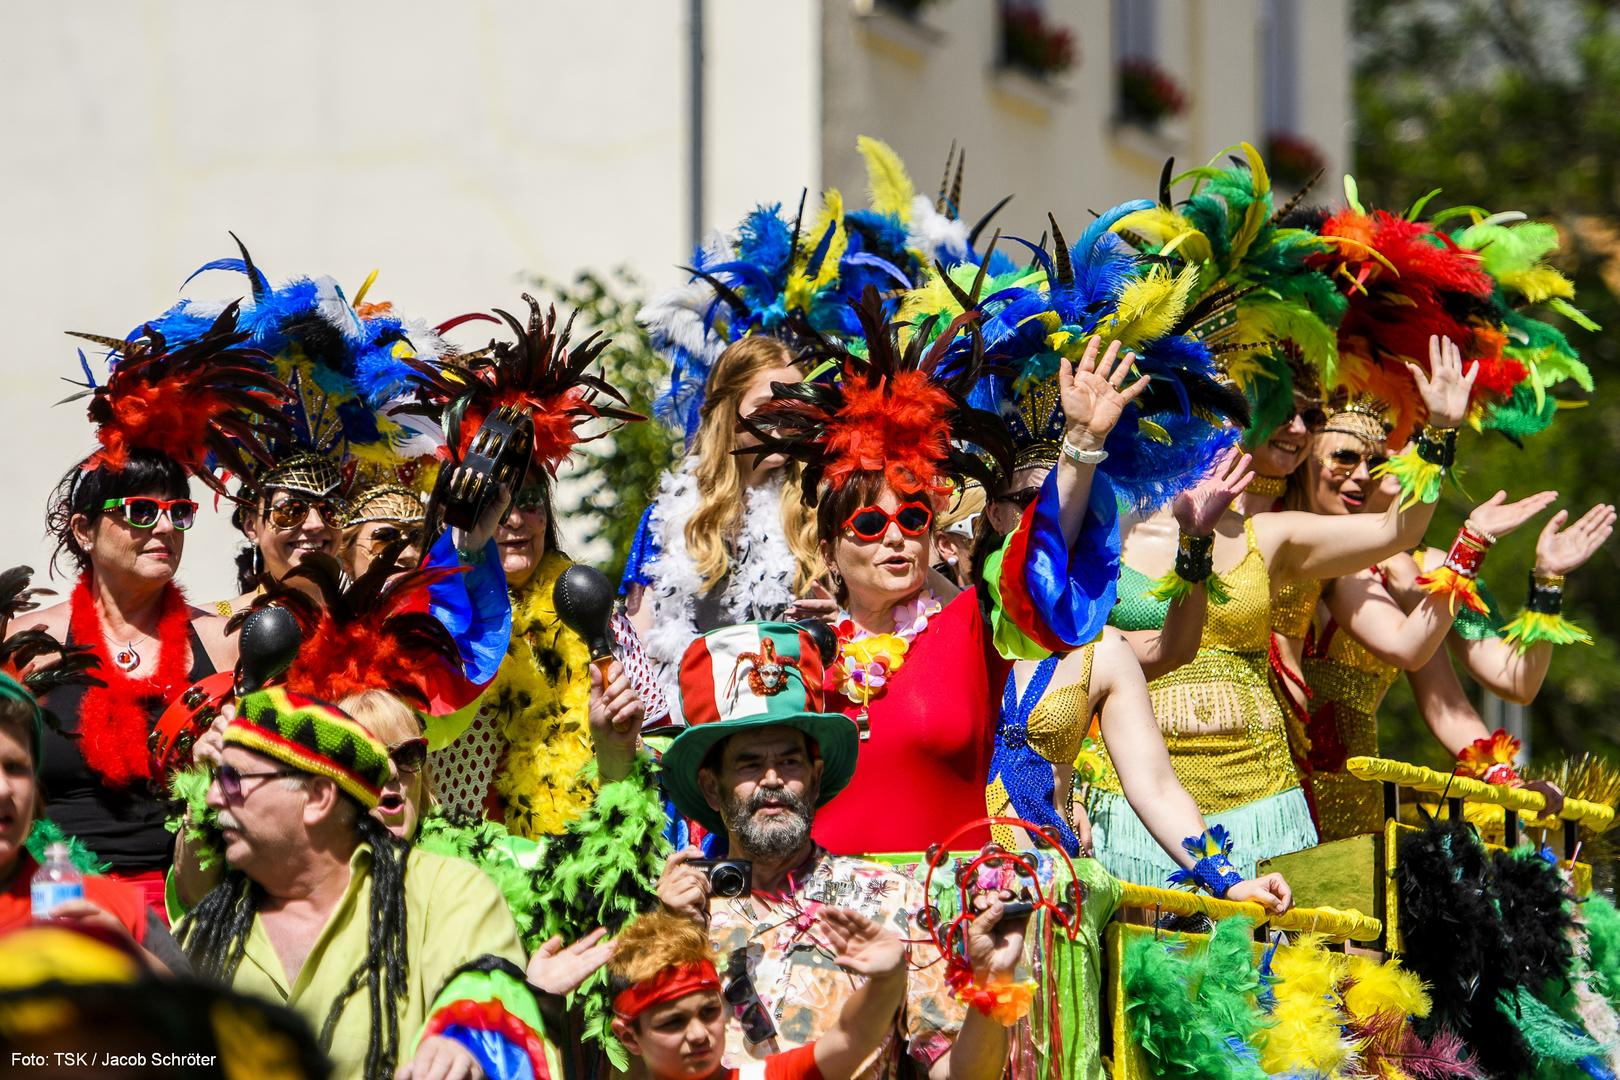 Eine Gruppe von farbenfroh gekleideteten Menschen die von einer Tribüne nach unten winken.